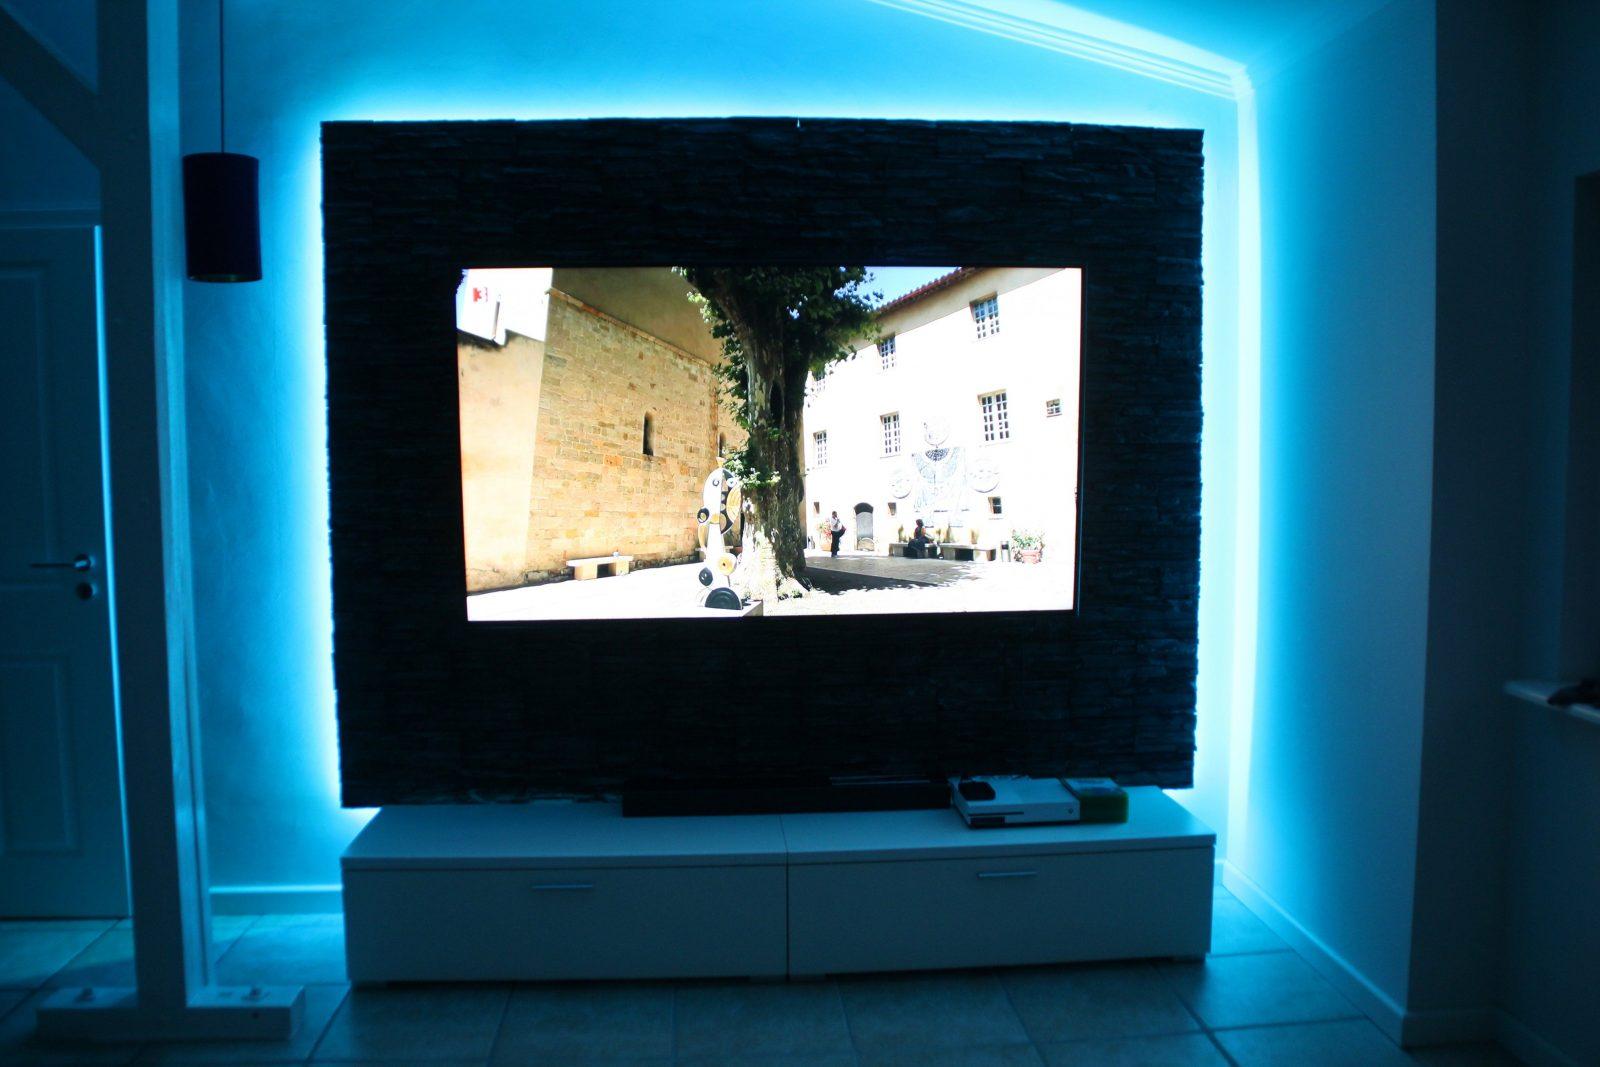 Tv Wand Mit Led Beleuchtung Selber Bauen  Heimwerker von Led Wand Selber Bauen Photo